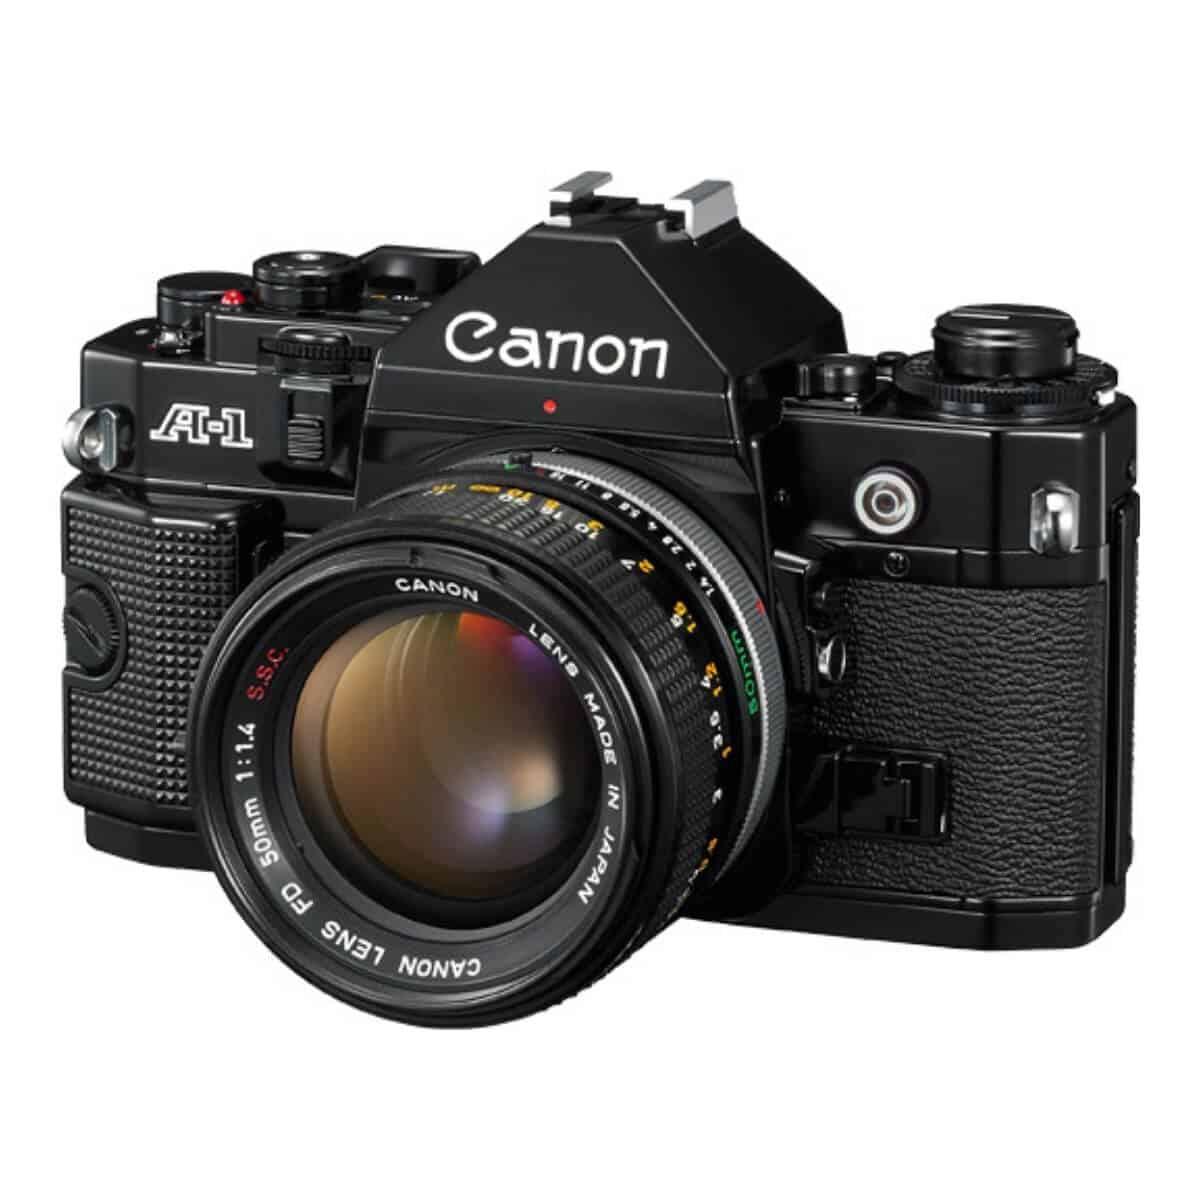 Black Canon A-1 film camera.